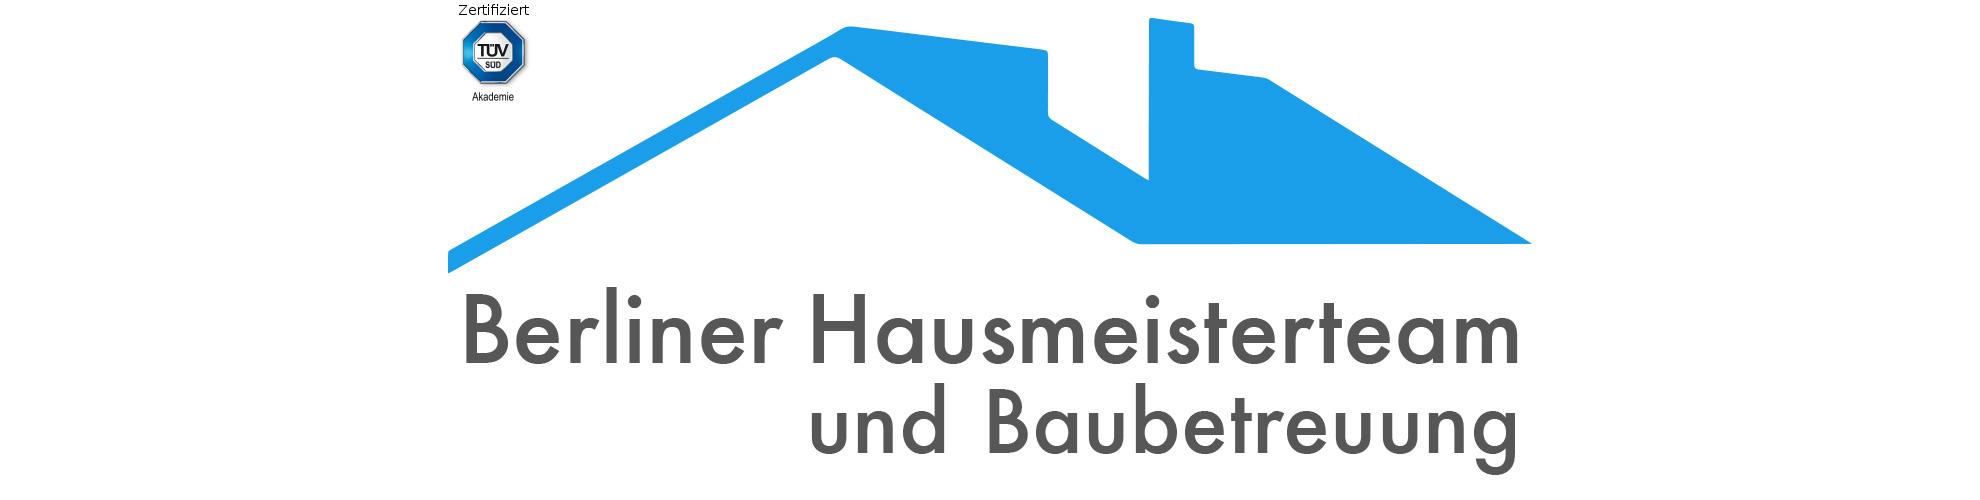 Berliner Hausmeisterteam TÜV zertifiziert